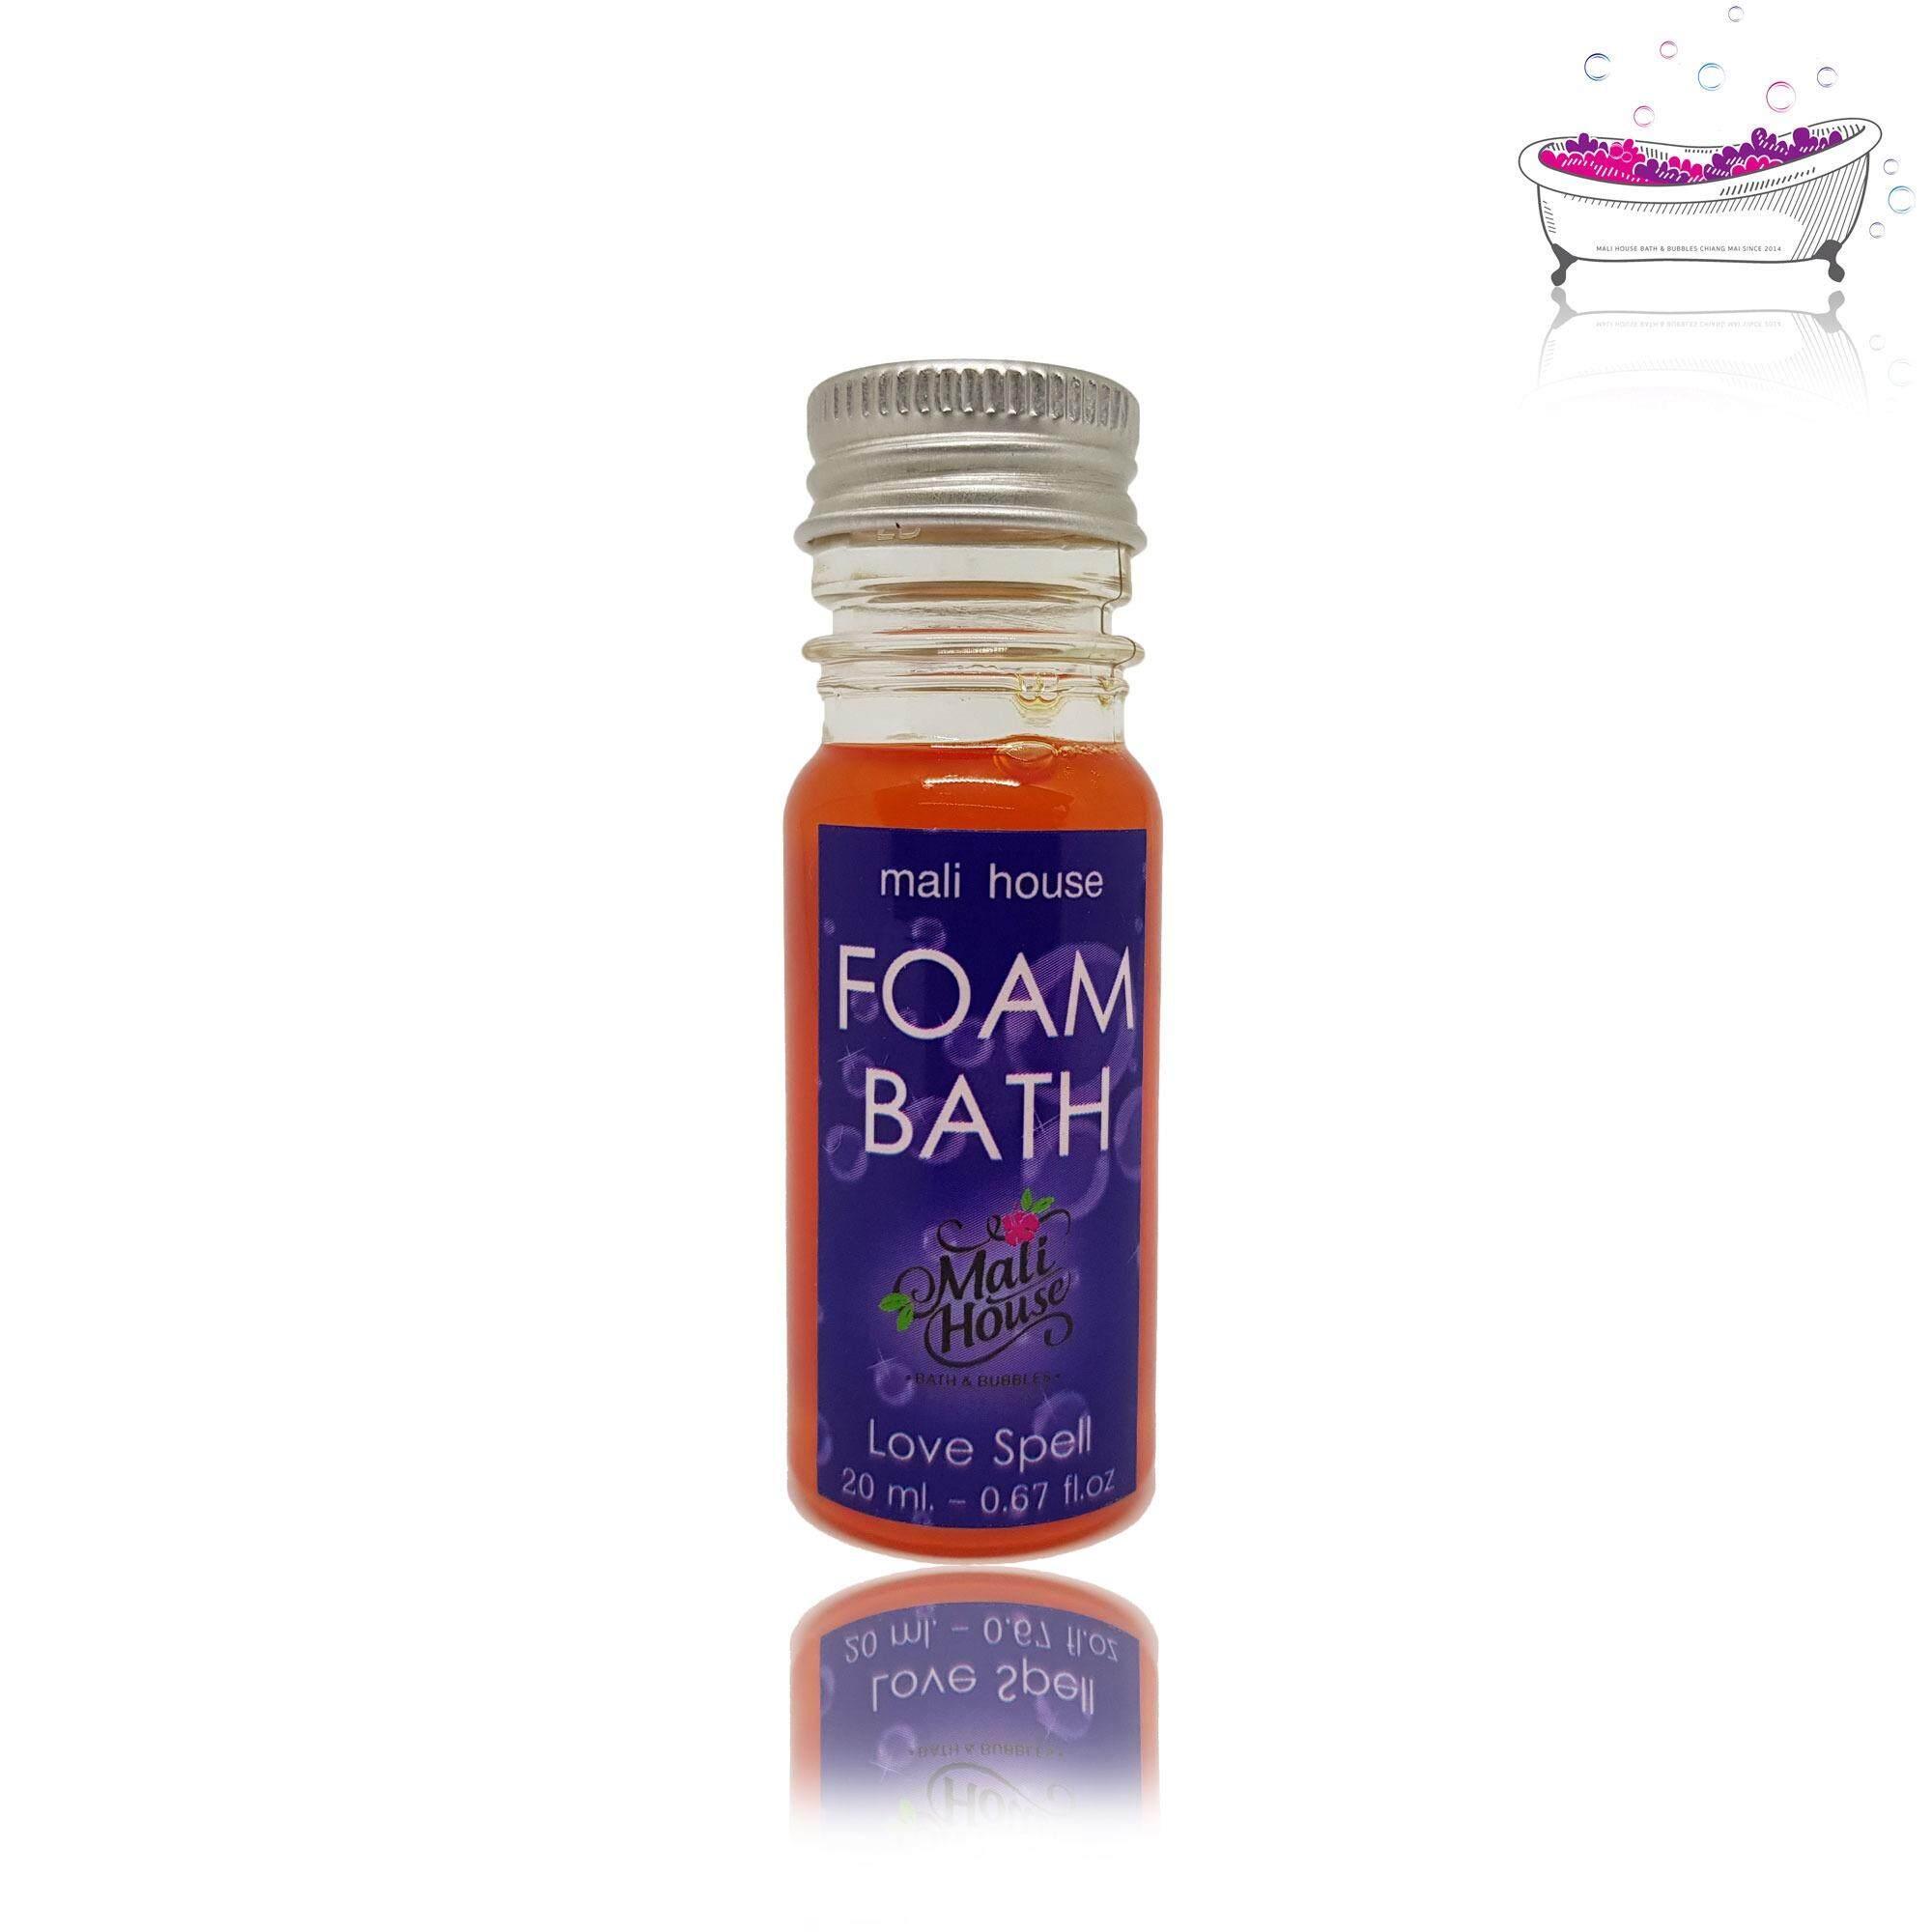 Mali House Foam bath bubble เจลสปา สบู่แช่ตัวในอ่าง กลิ่นเลิฟ สเปล Love Spell,สีแดง 20ml.